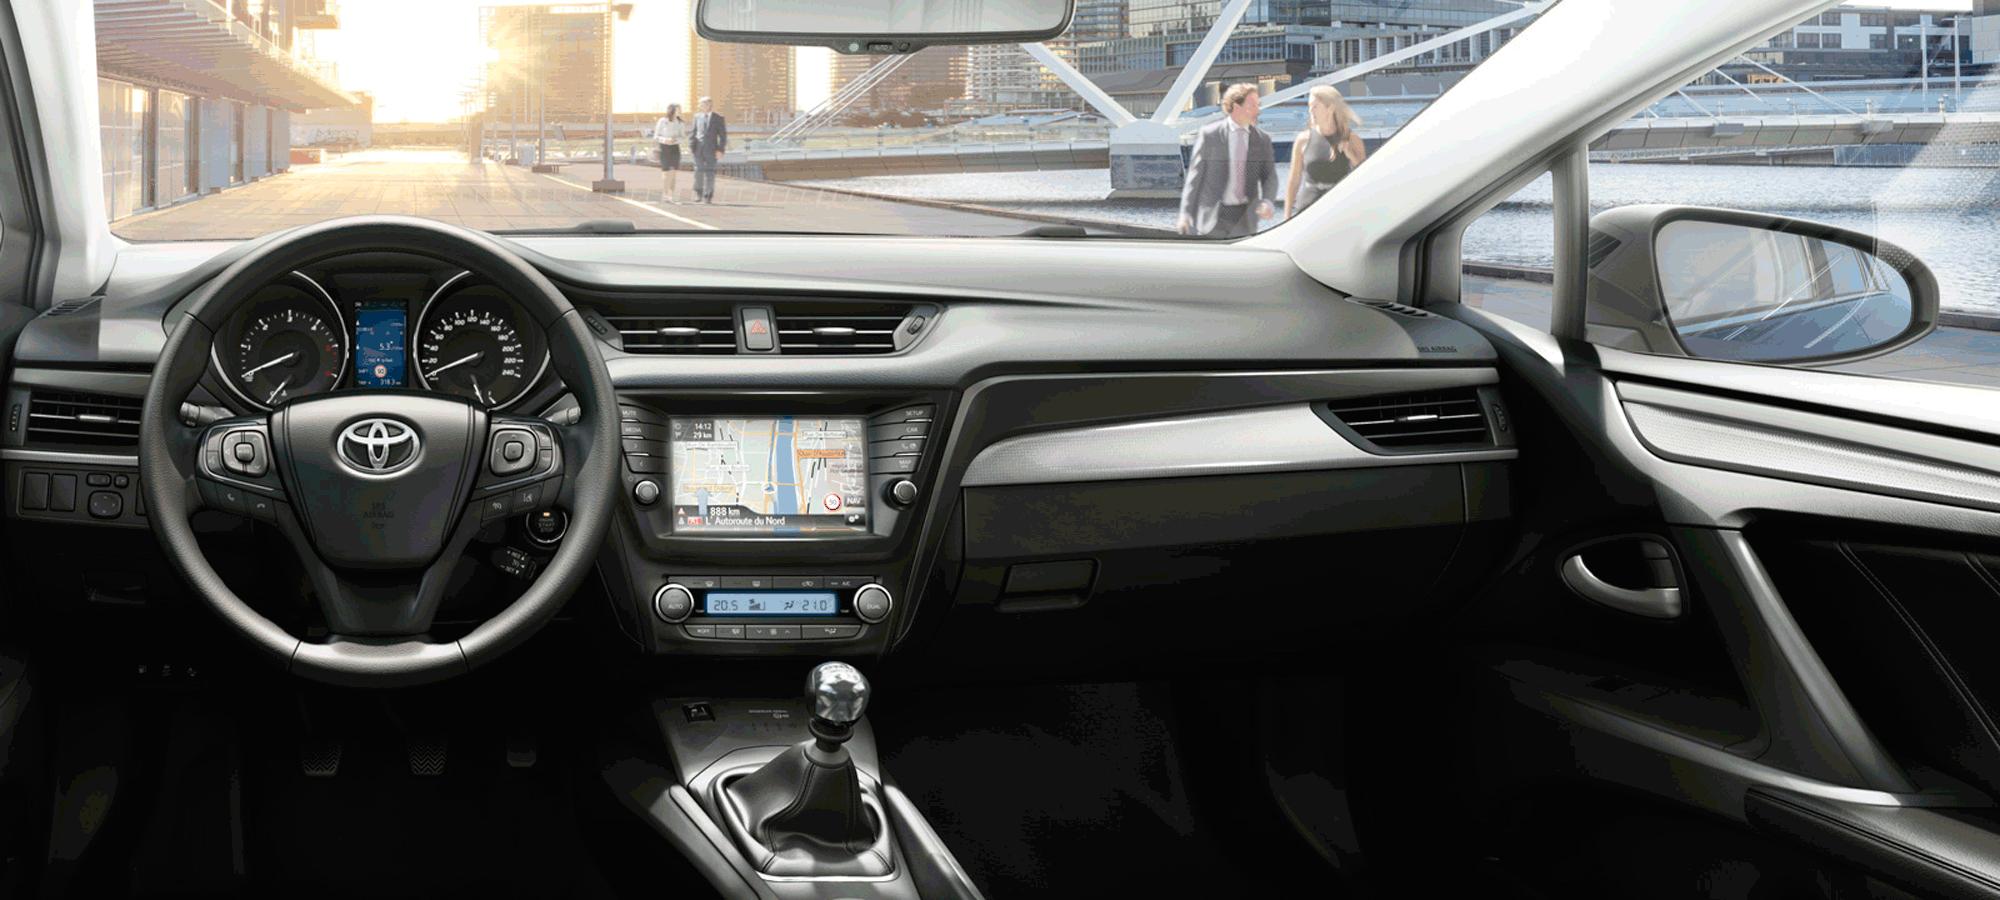 Innsiden av bil